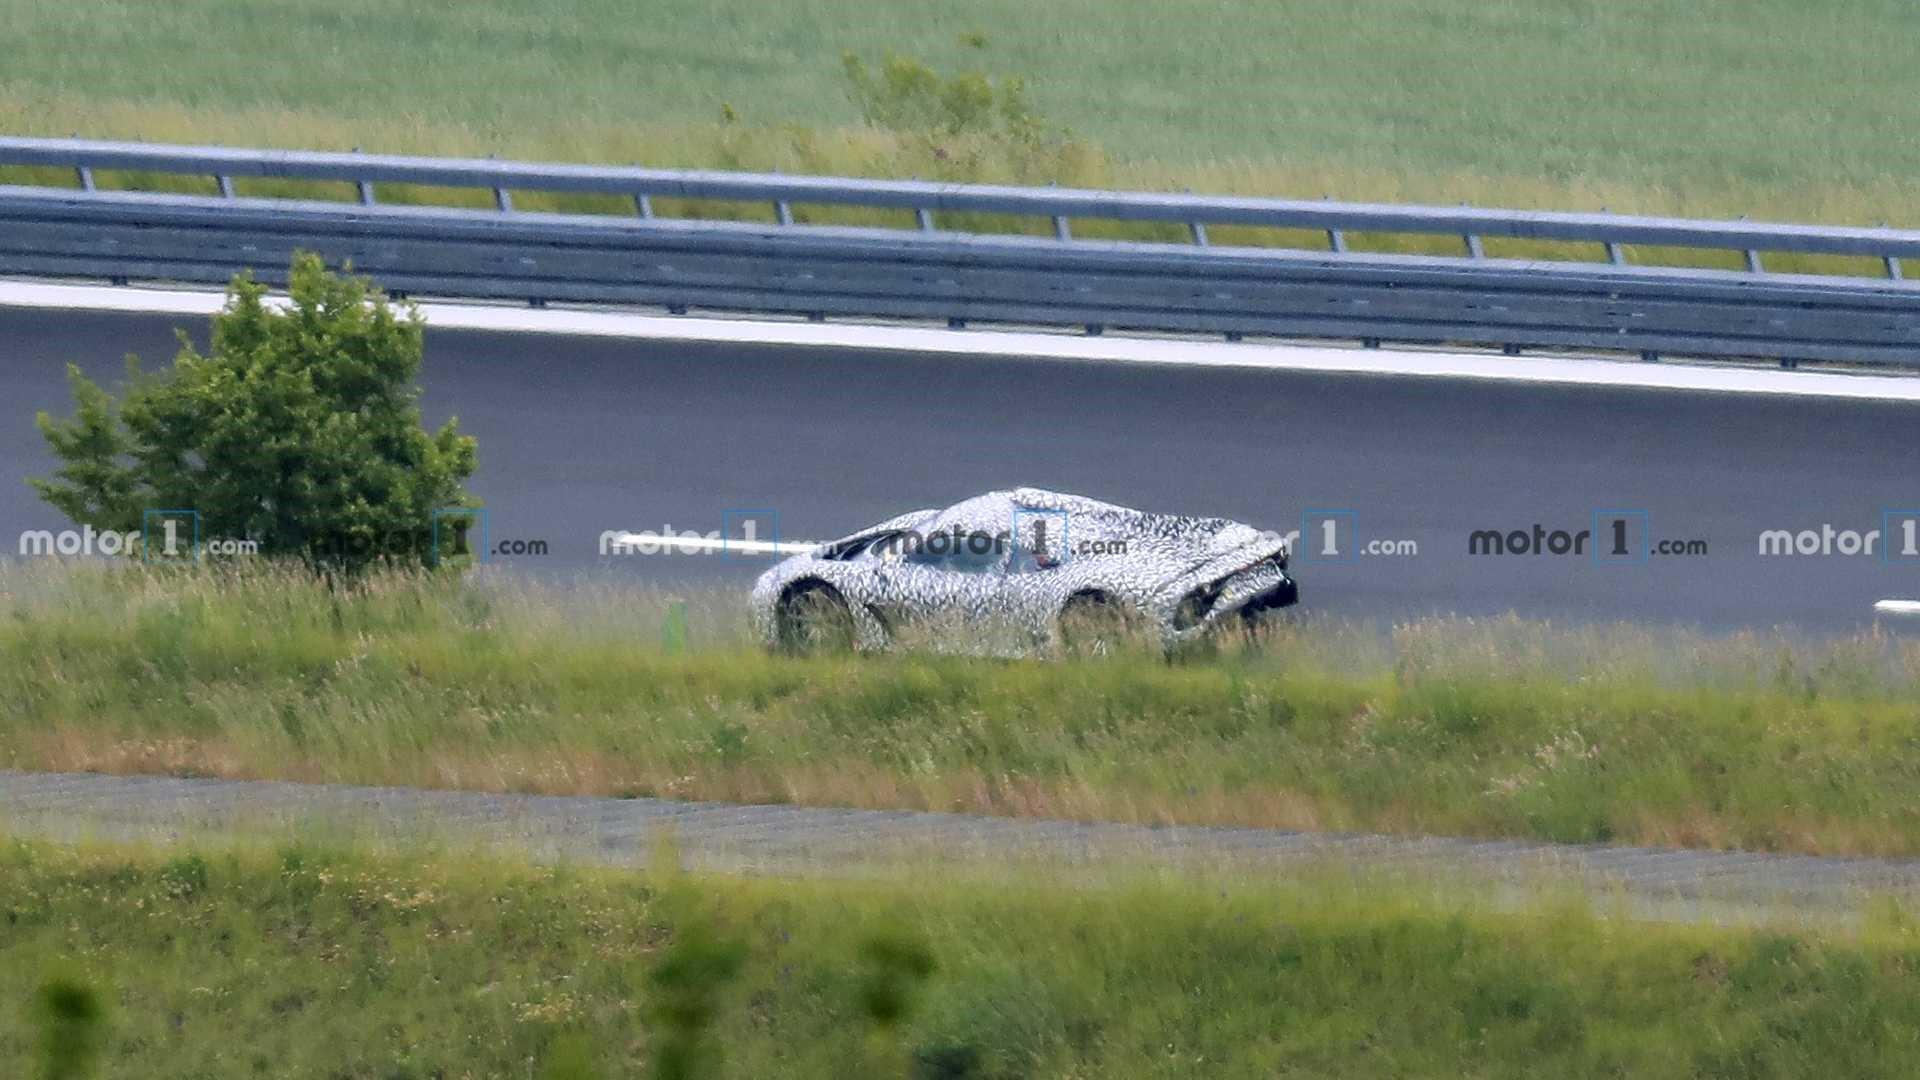 梅赛德斯-AMG量产版拥有超过1,200马力